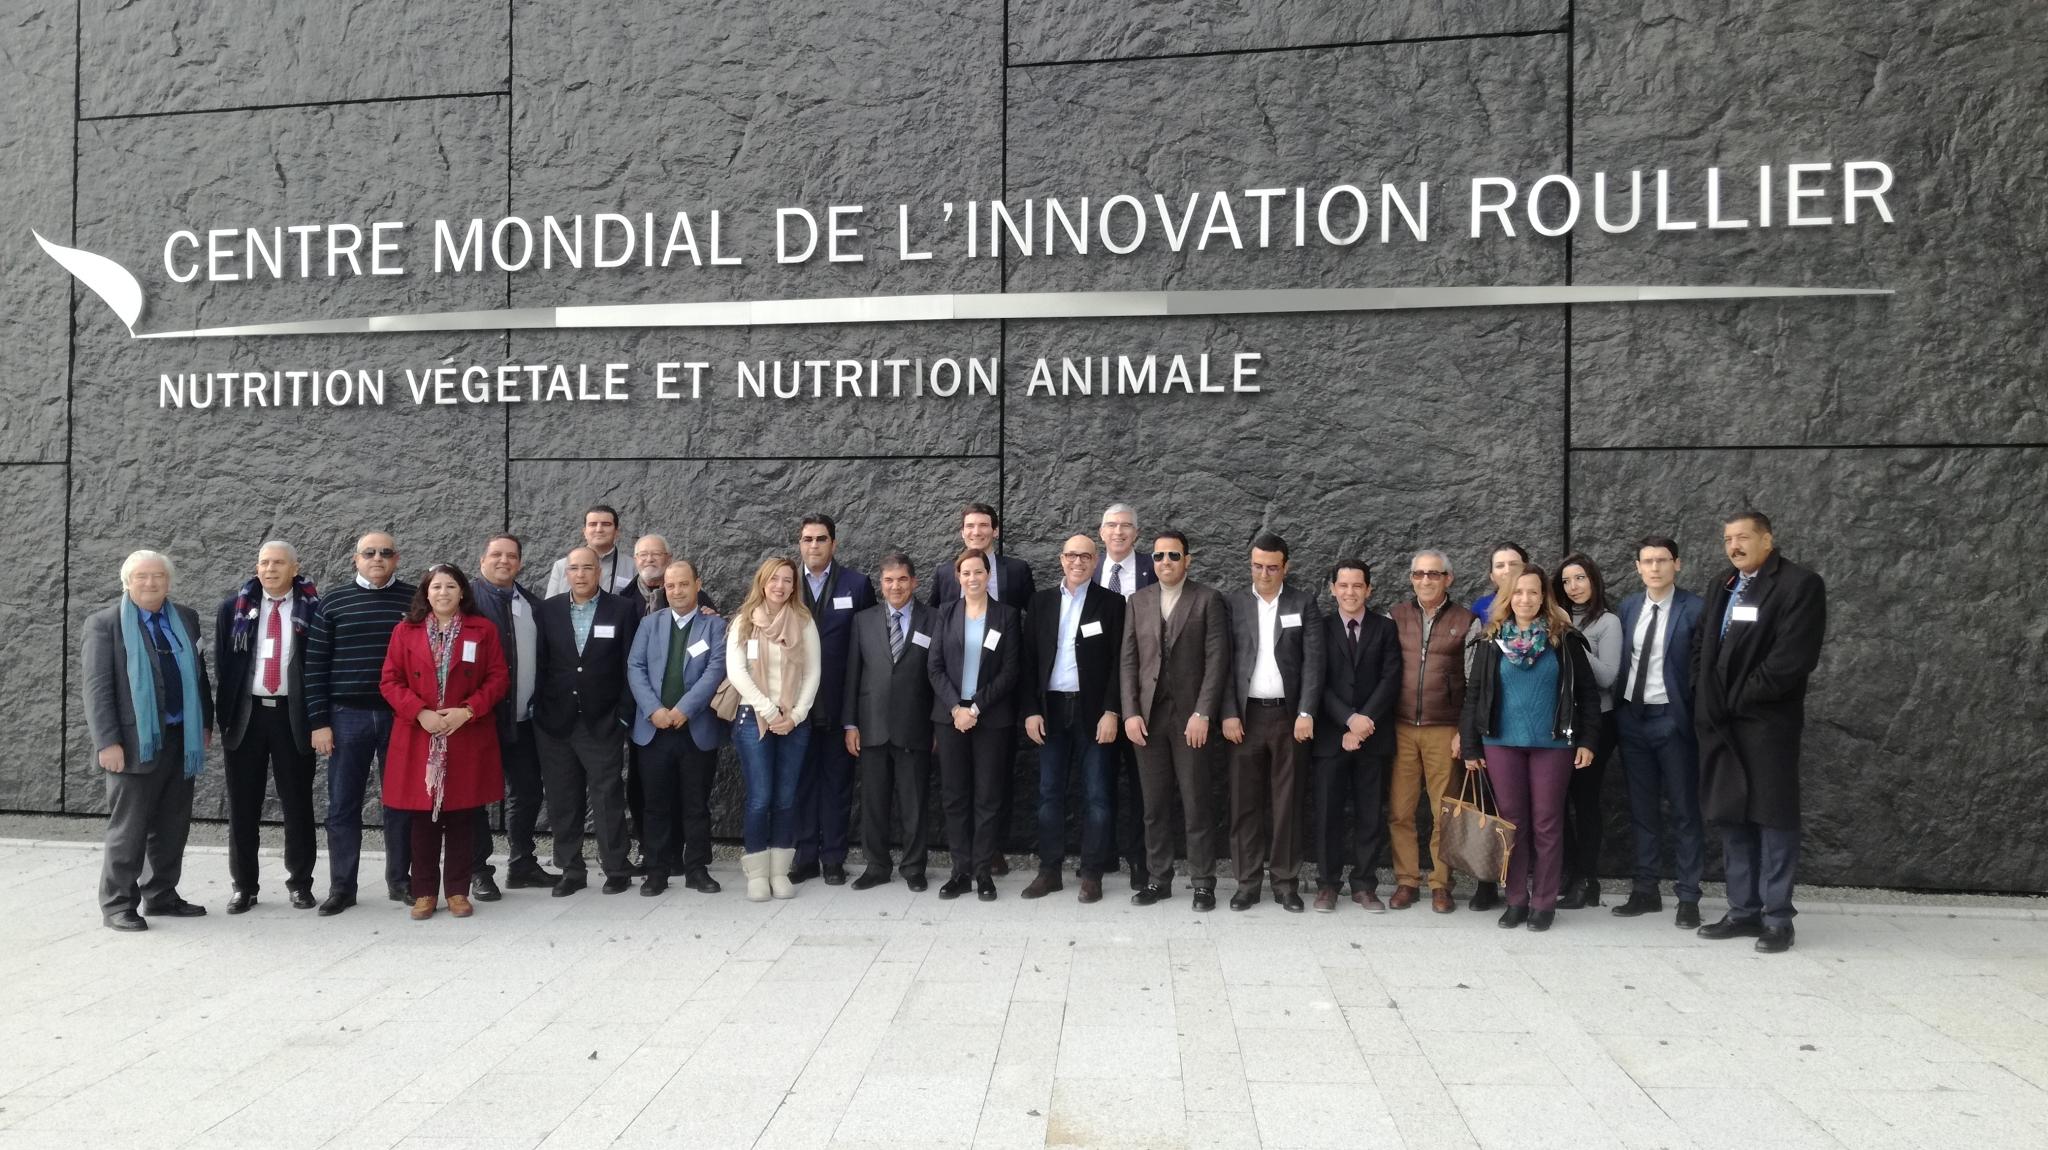 Photo des participant devant le centre mondial de l'innovation rouiller